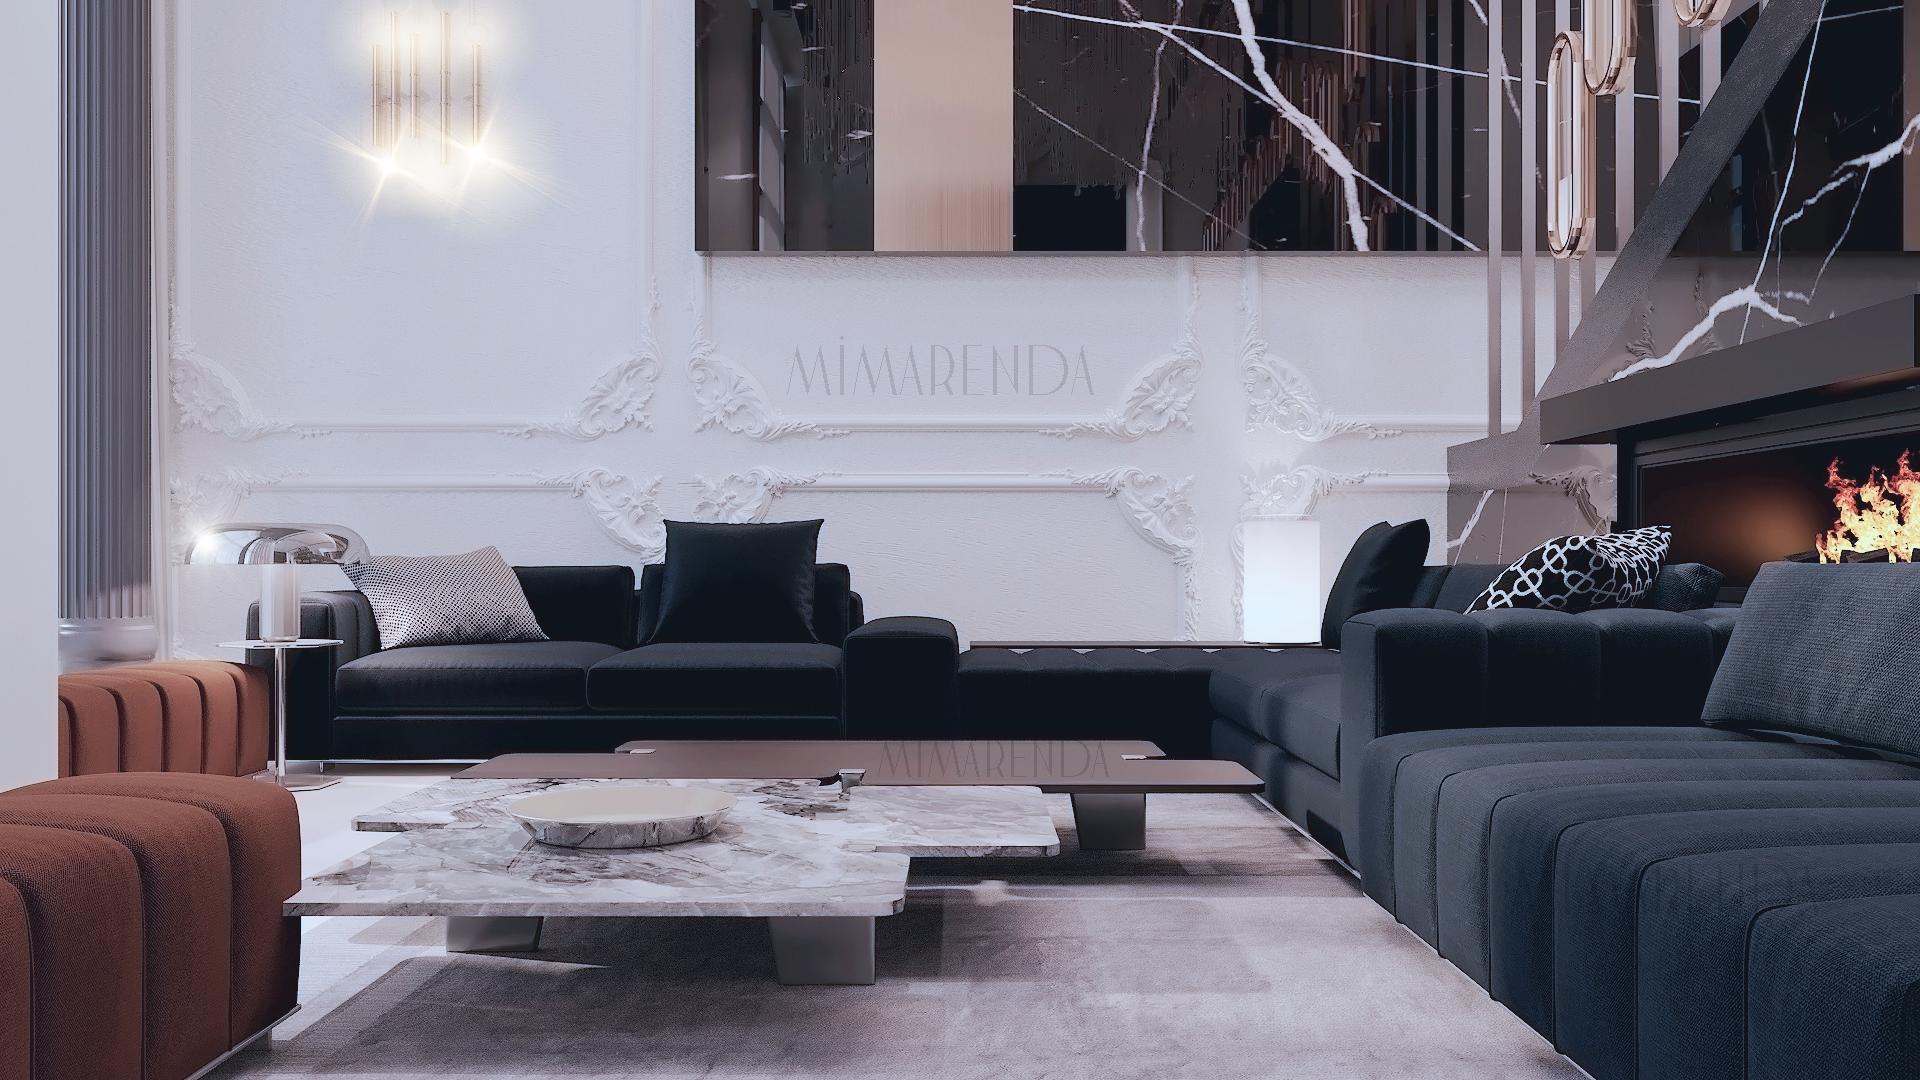 Mekanda tevazu, sadelik ve bunlardan kaynaklı huzur vaat eden Mimarenda Tasarım Stüdyosunun yalın ama parıltılı düeti... Modern detaylar minimal düzenlemelerle karşınıza çıkarken, ışıltılı lüks dokunuşların sakin ama şık kompozisyonu..#interiordesign #interior #salon #luxurylifestyle #salontasarımı #home  #homedecor #evdekorasyonu #architect #mimar #design #tasarım#mobilyatasarımı #mobilya #oturmaodasi #duvar #duvartasarımı  #dekorasyon #decorations #bursa #içmimar #bursamimar #bursaiçmimar